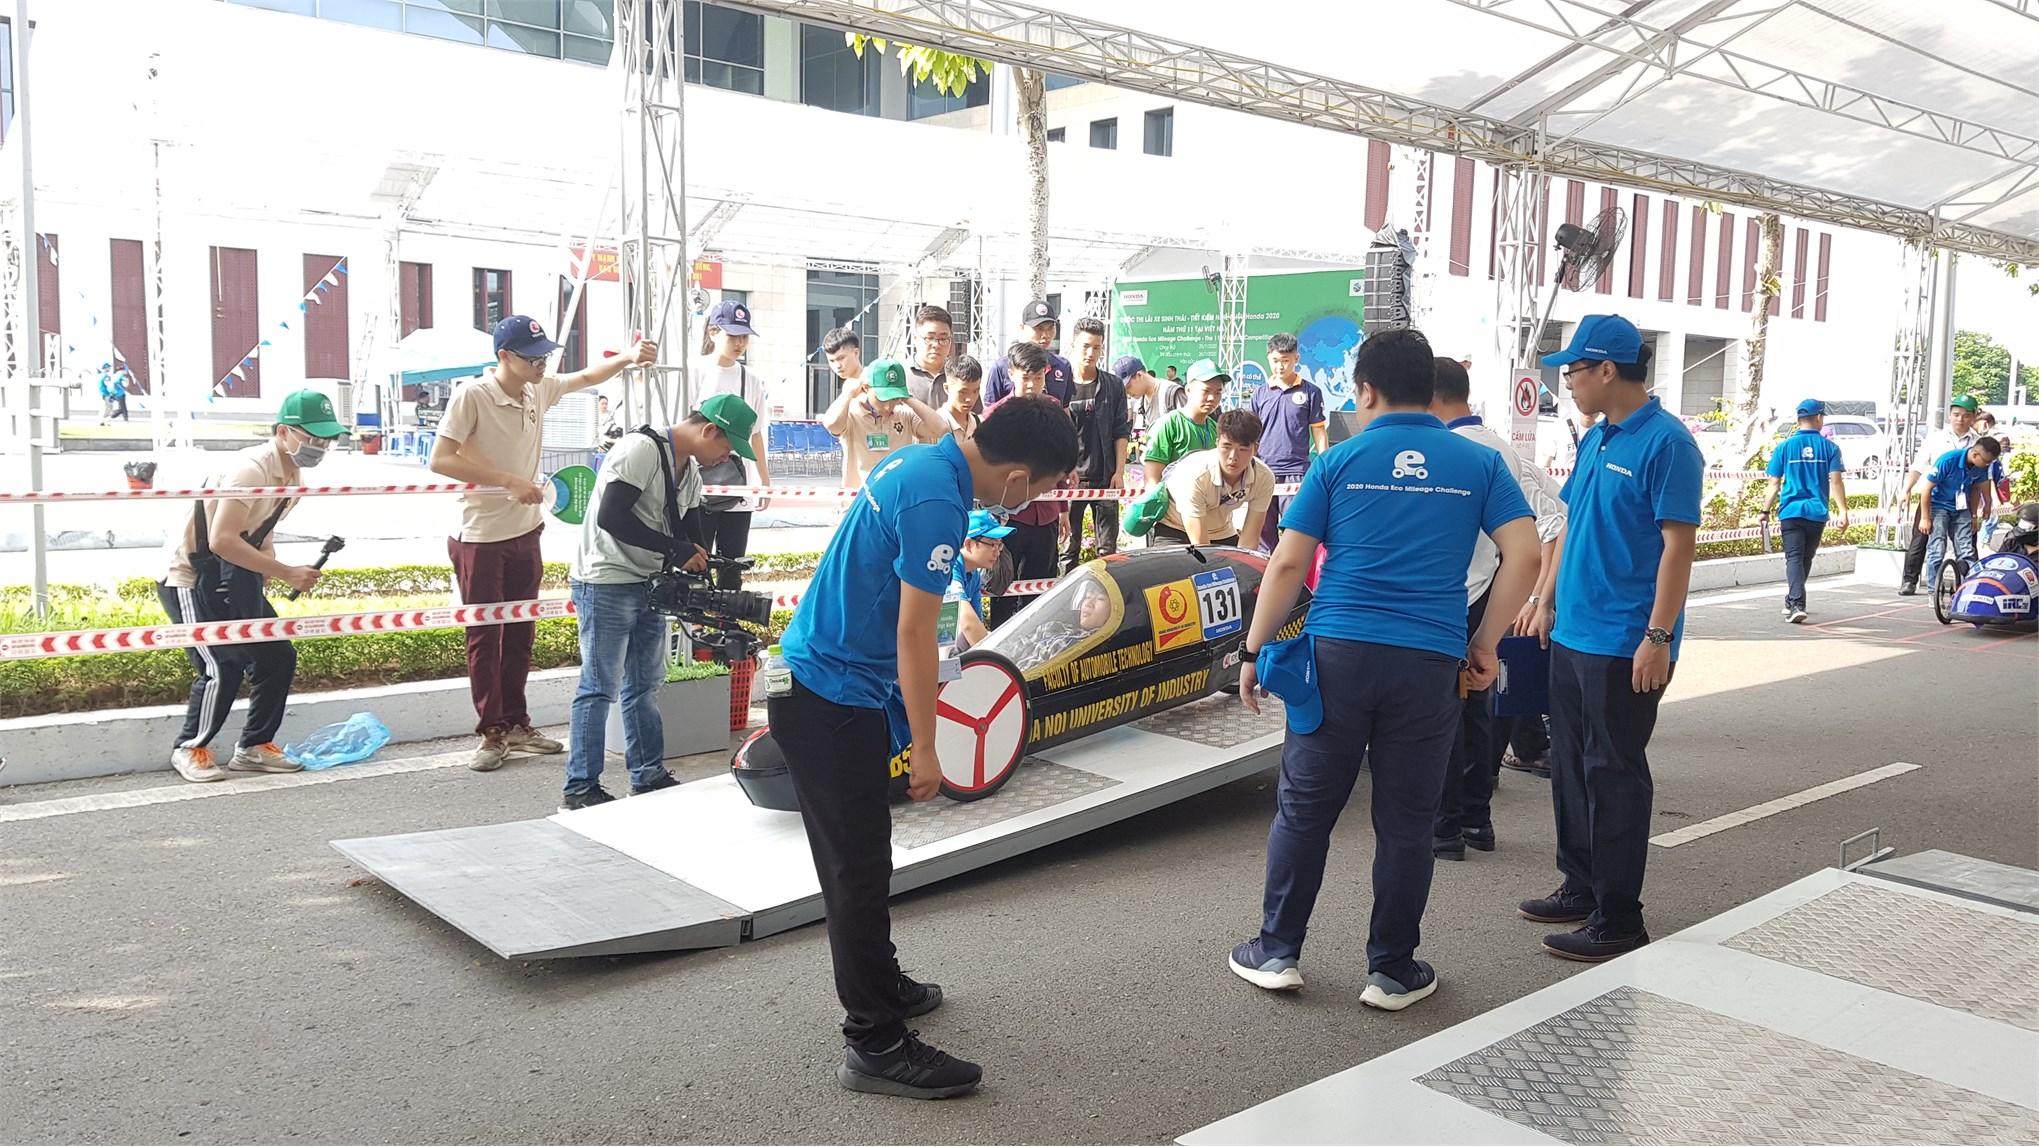 Vỡ òa cảm xúc đội tuyển Supercup 50 Khoa công nghệ ô tô đăng quang chức vô địch lần thứ 5 liên tiếp tại cuộc thi lái xe sinh thái tiết kiệm nhiên liệu Honda lần thứ XX